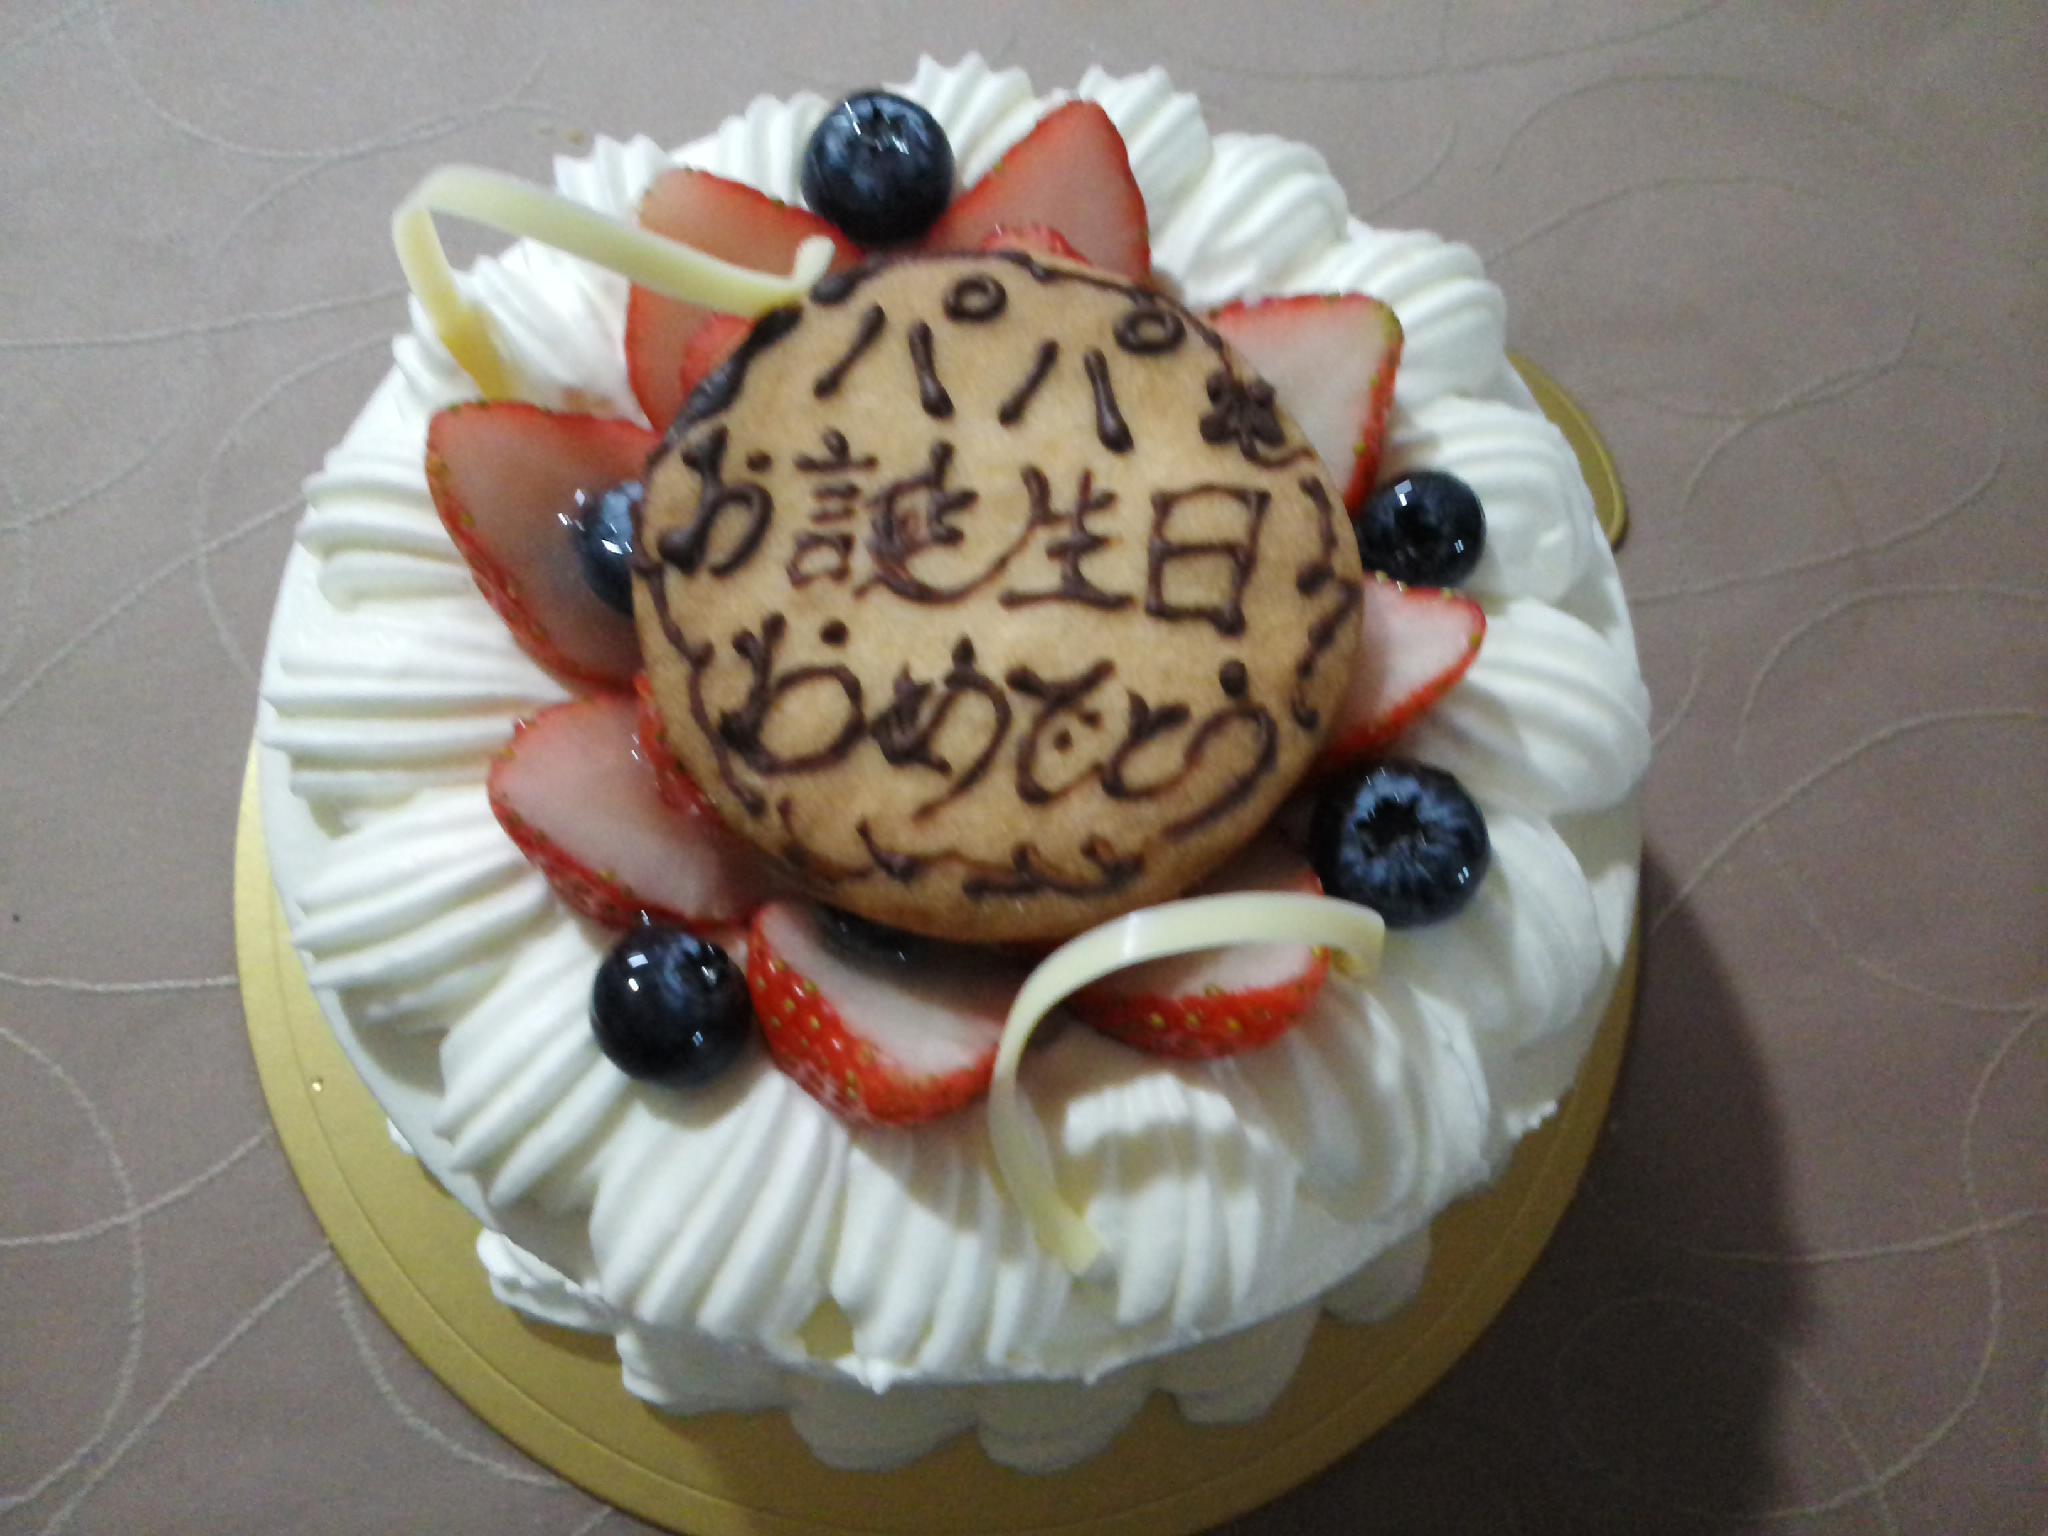 ケーキのお届け_b0237604_17324578.jpg